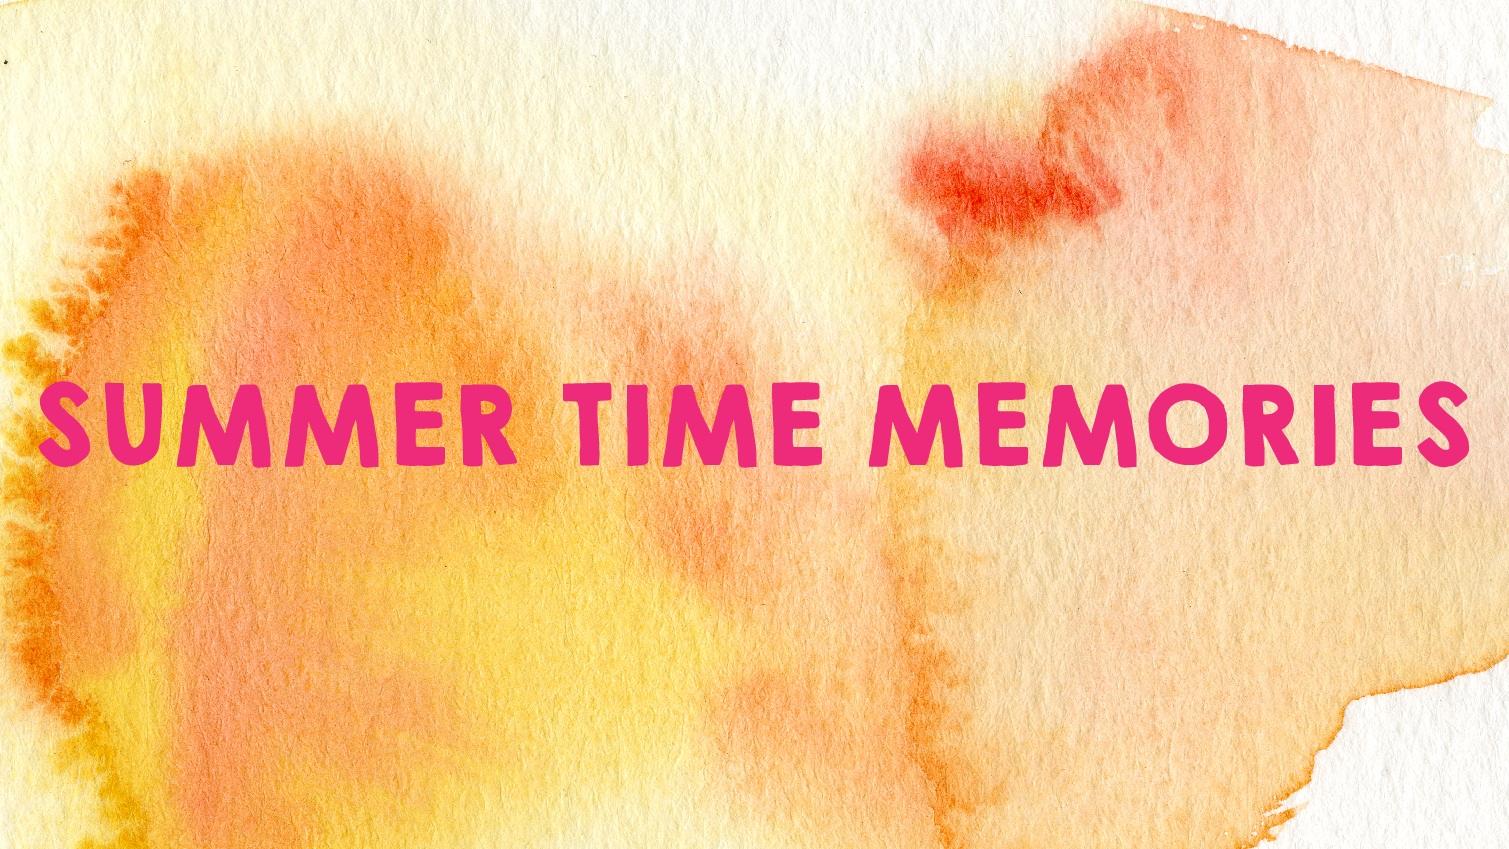 Summer+Time+Memories.jpg